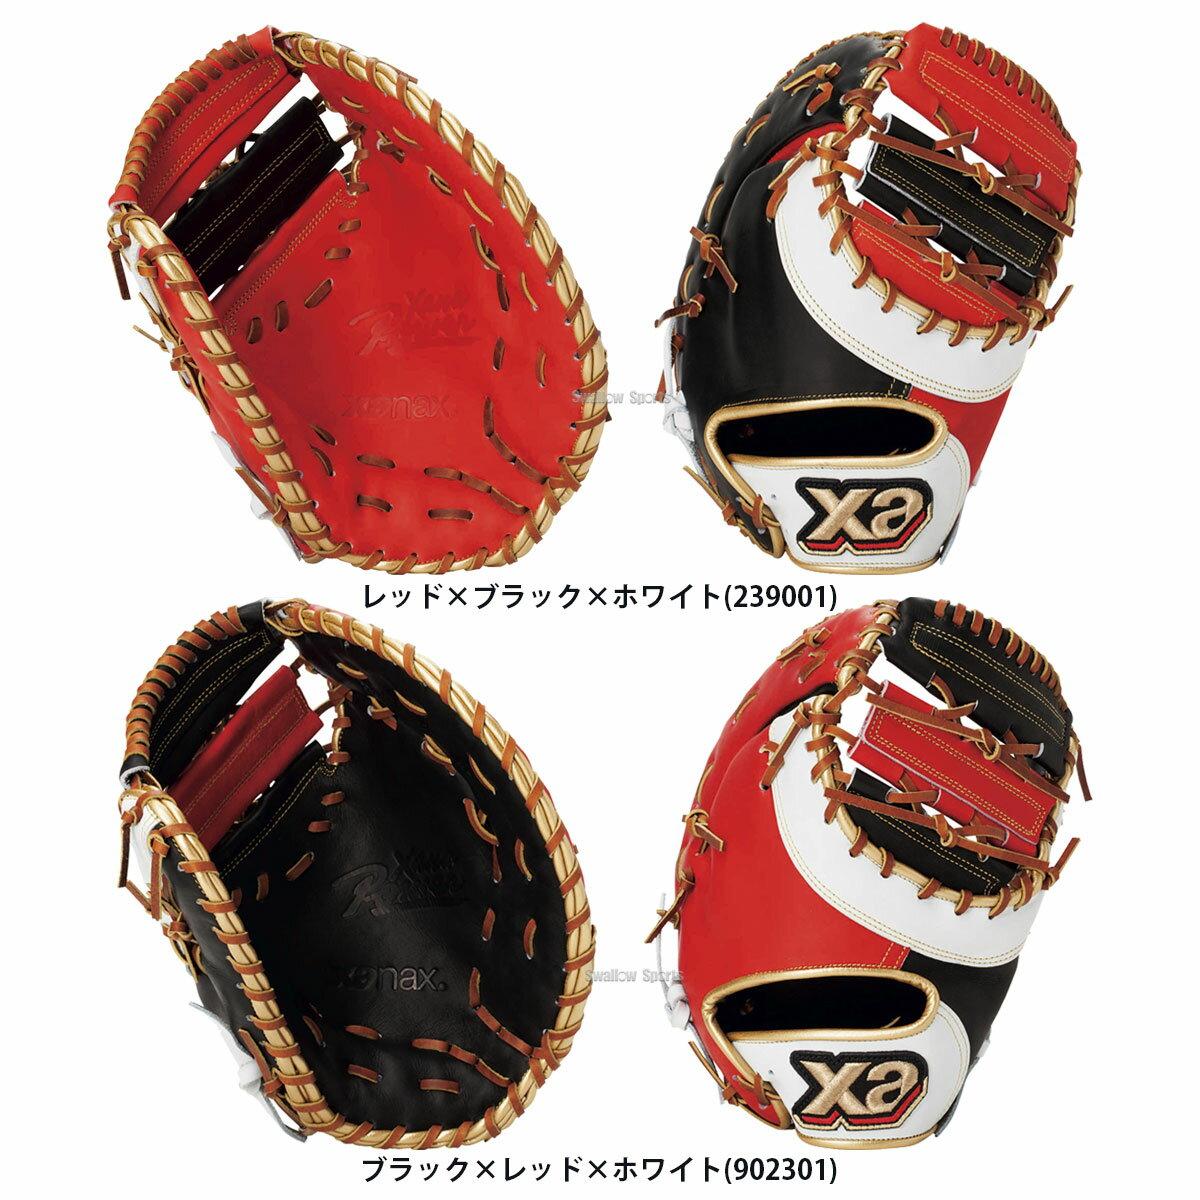 【あす楽対応】 送料無料 ザナックス ザナパワー 限定 軟式 ファーストミット BRF-3518S 野球部 野球用品 スワロースポーツ